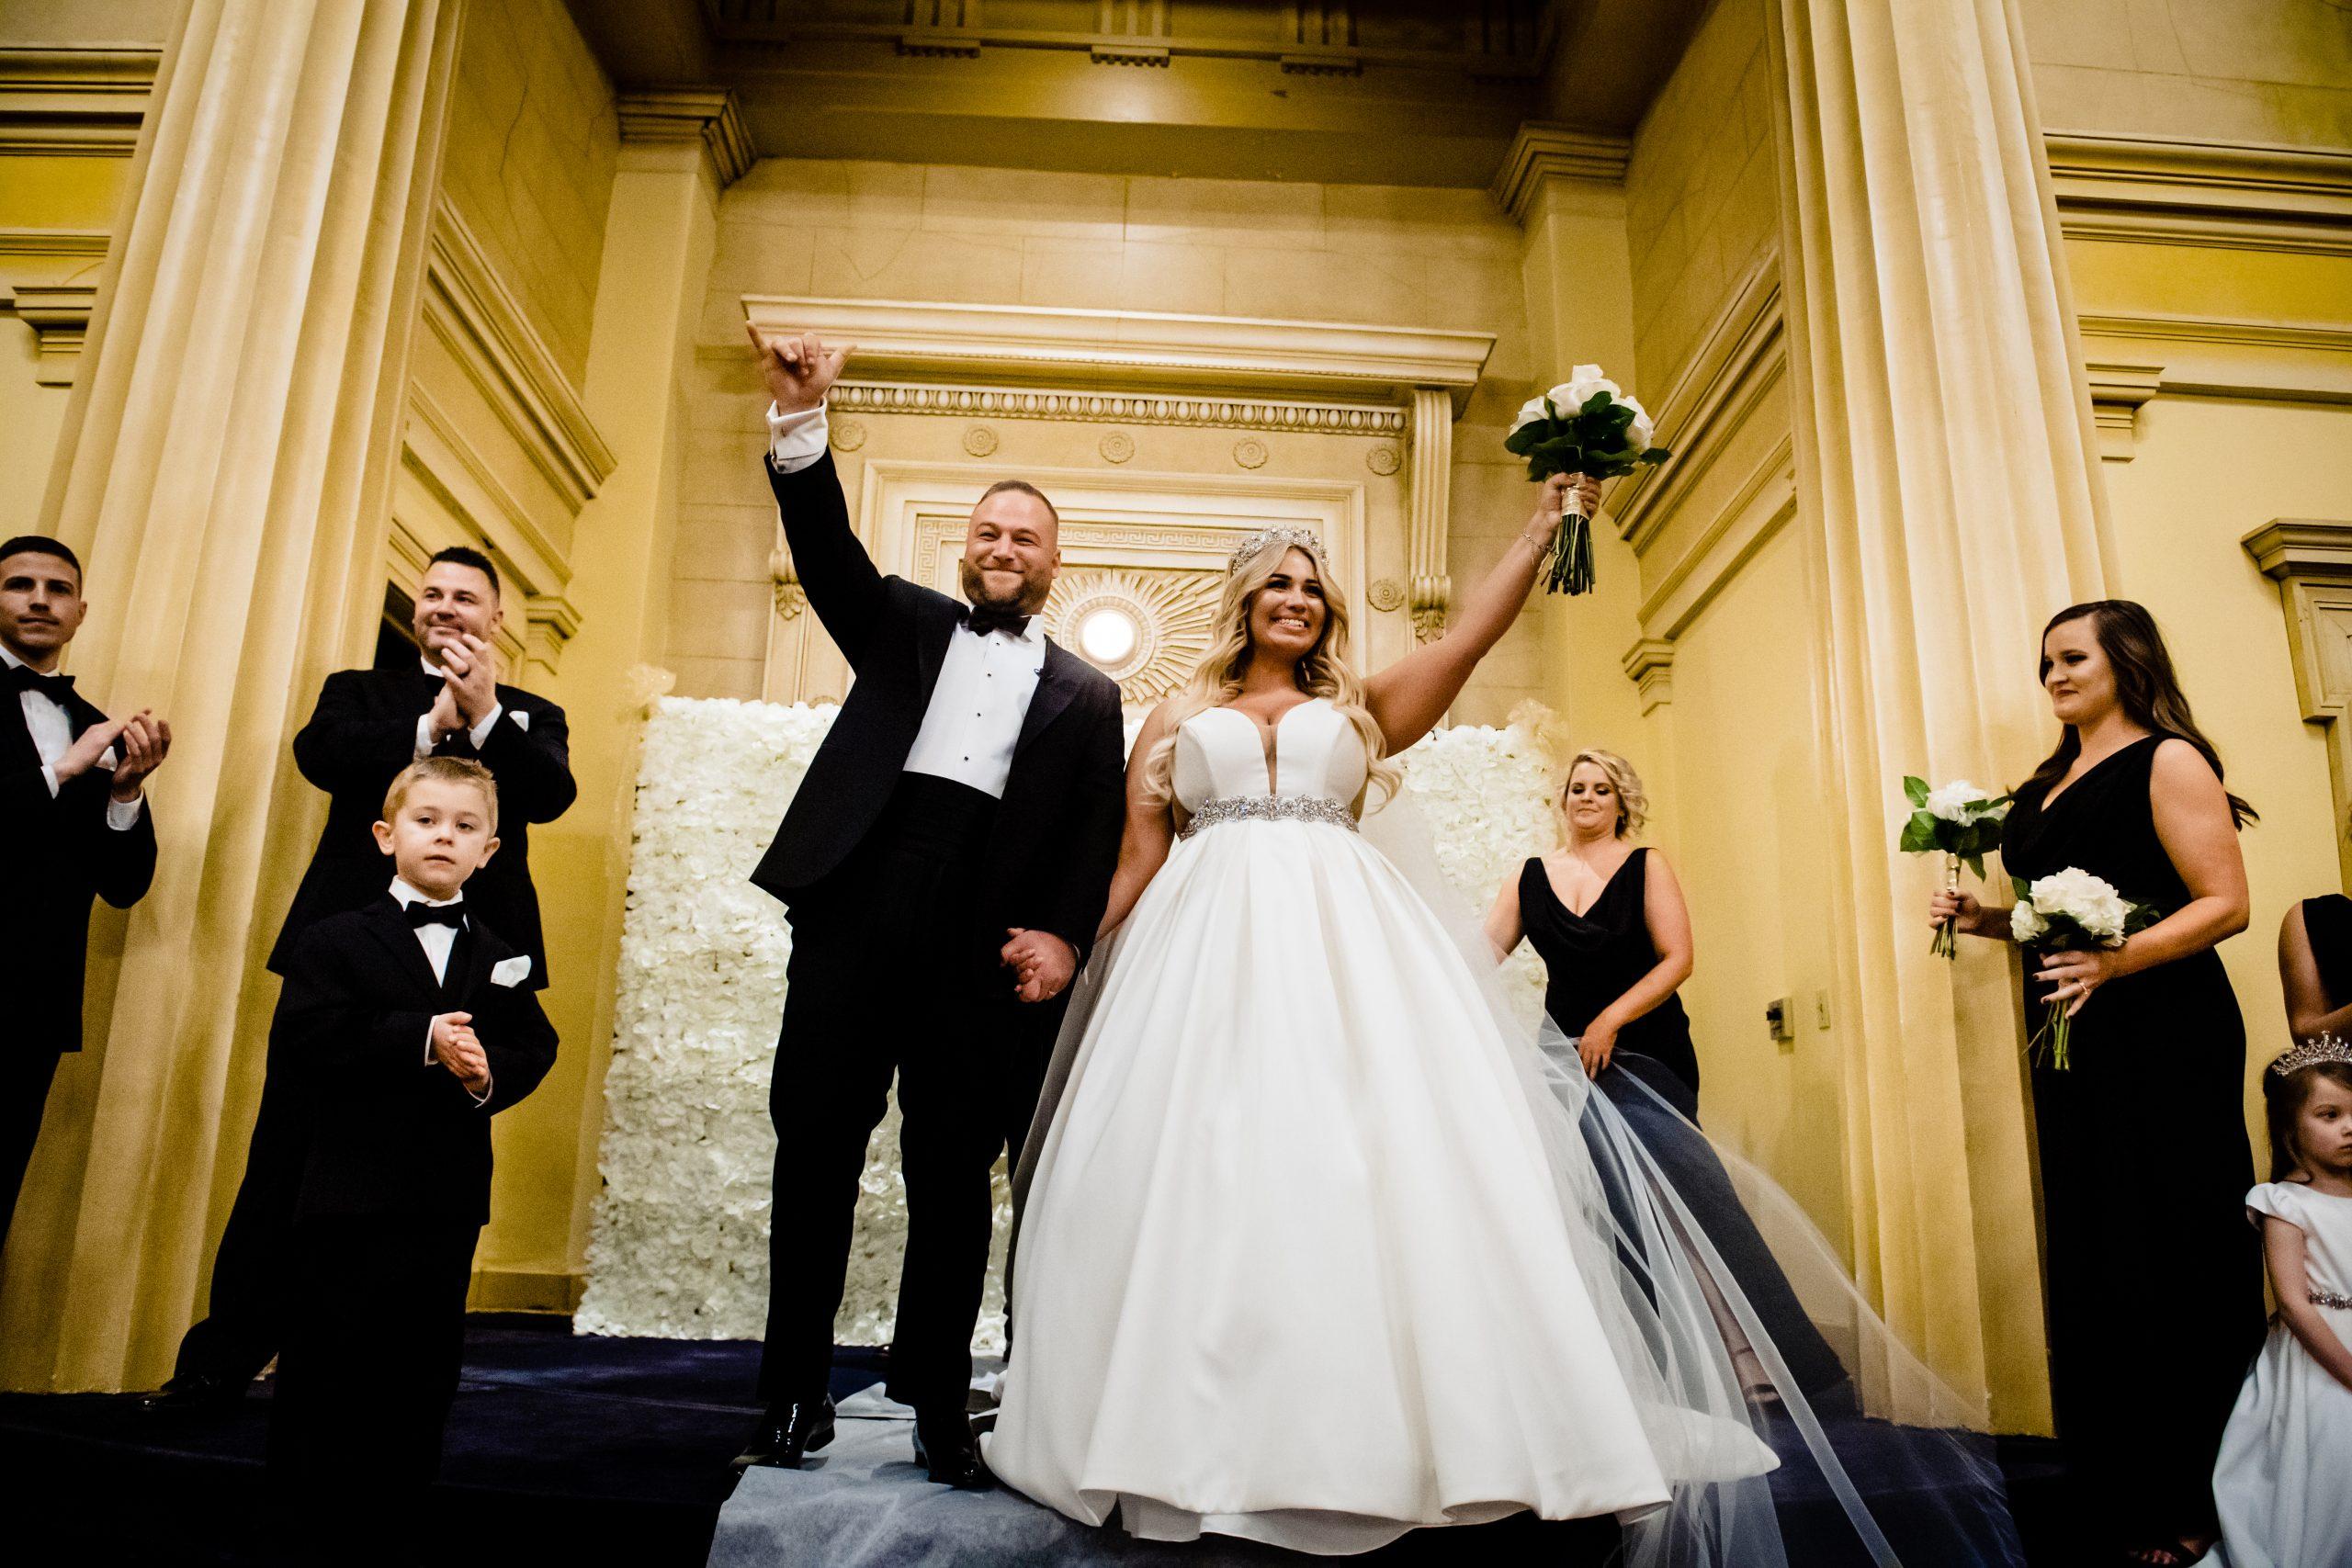 Bride looks like Jessica Simpson